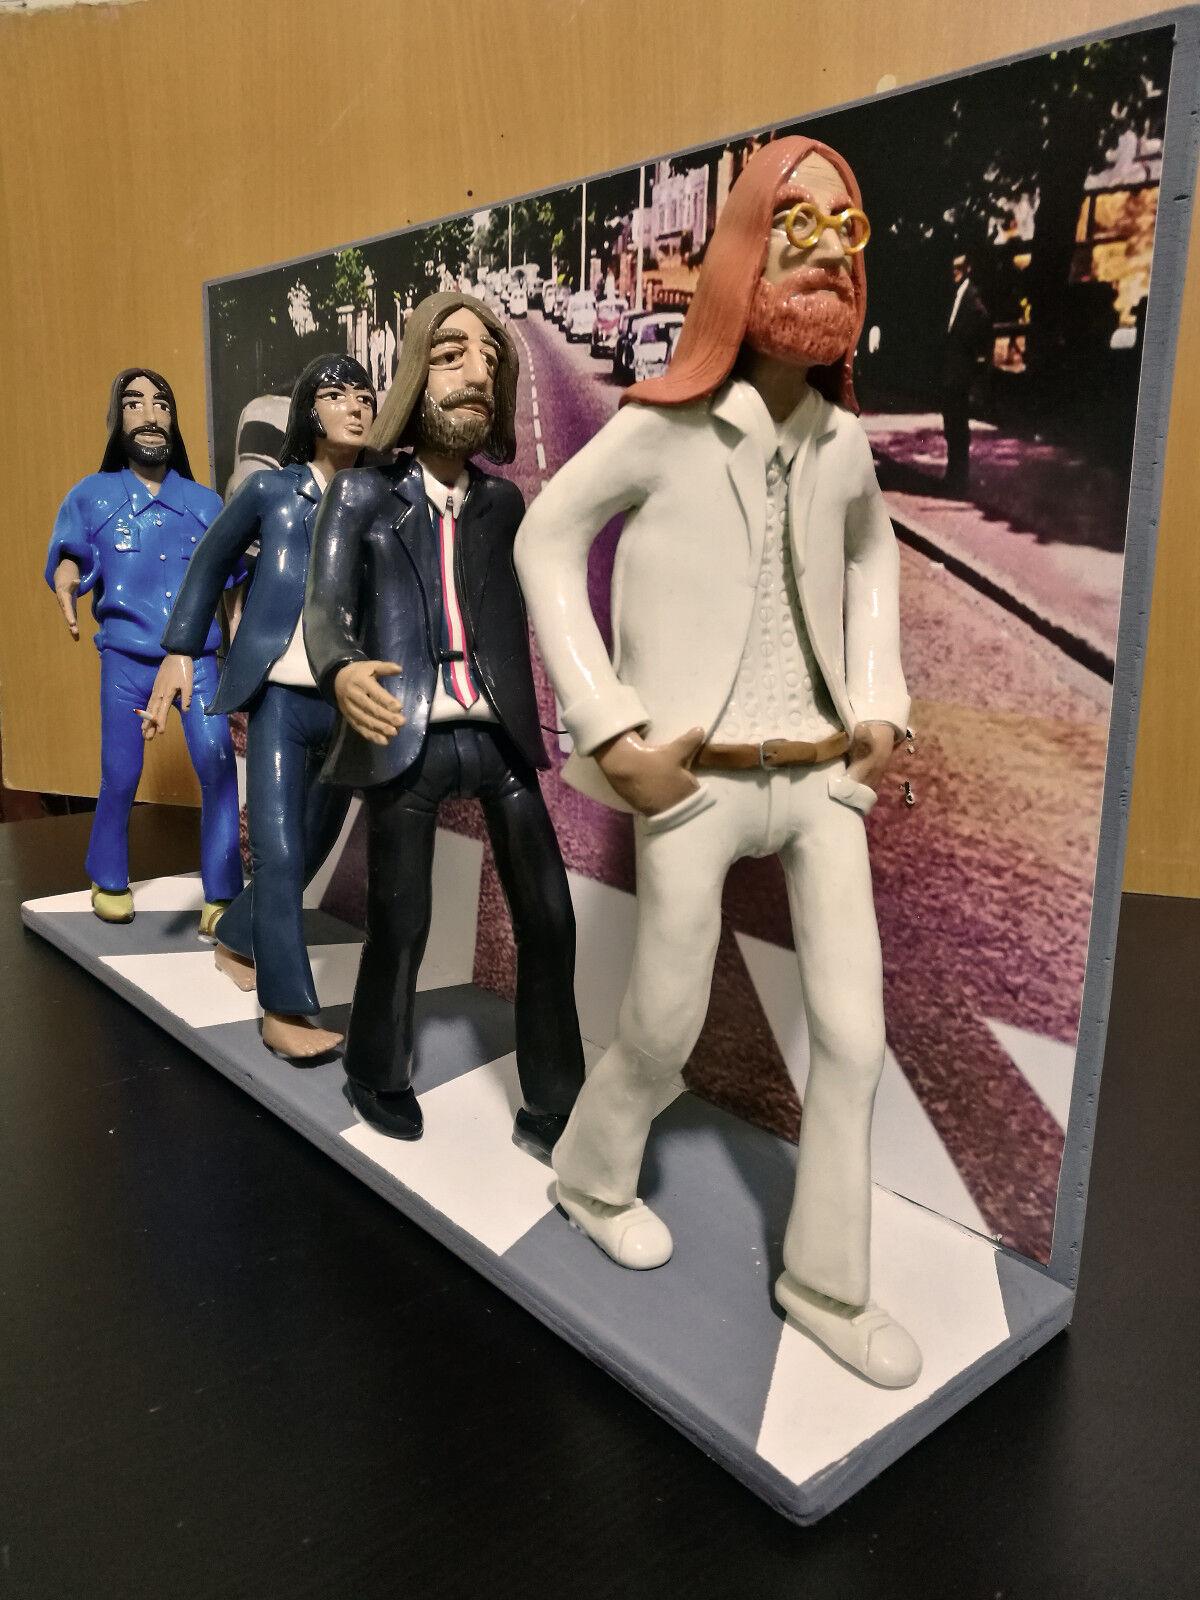 Statuetta - Figurine - azione cifras The Beatles con scenografia Abbey strada